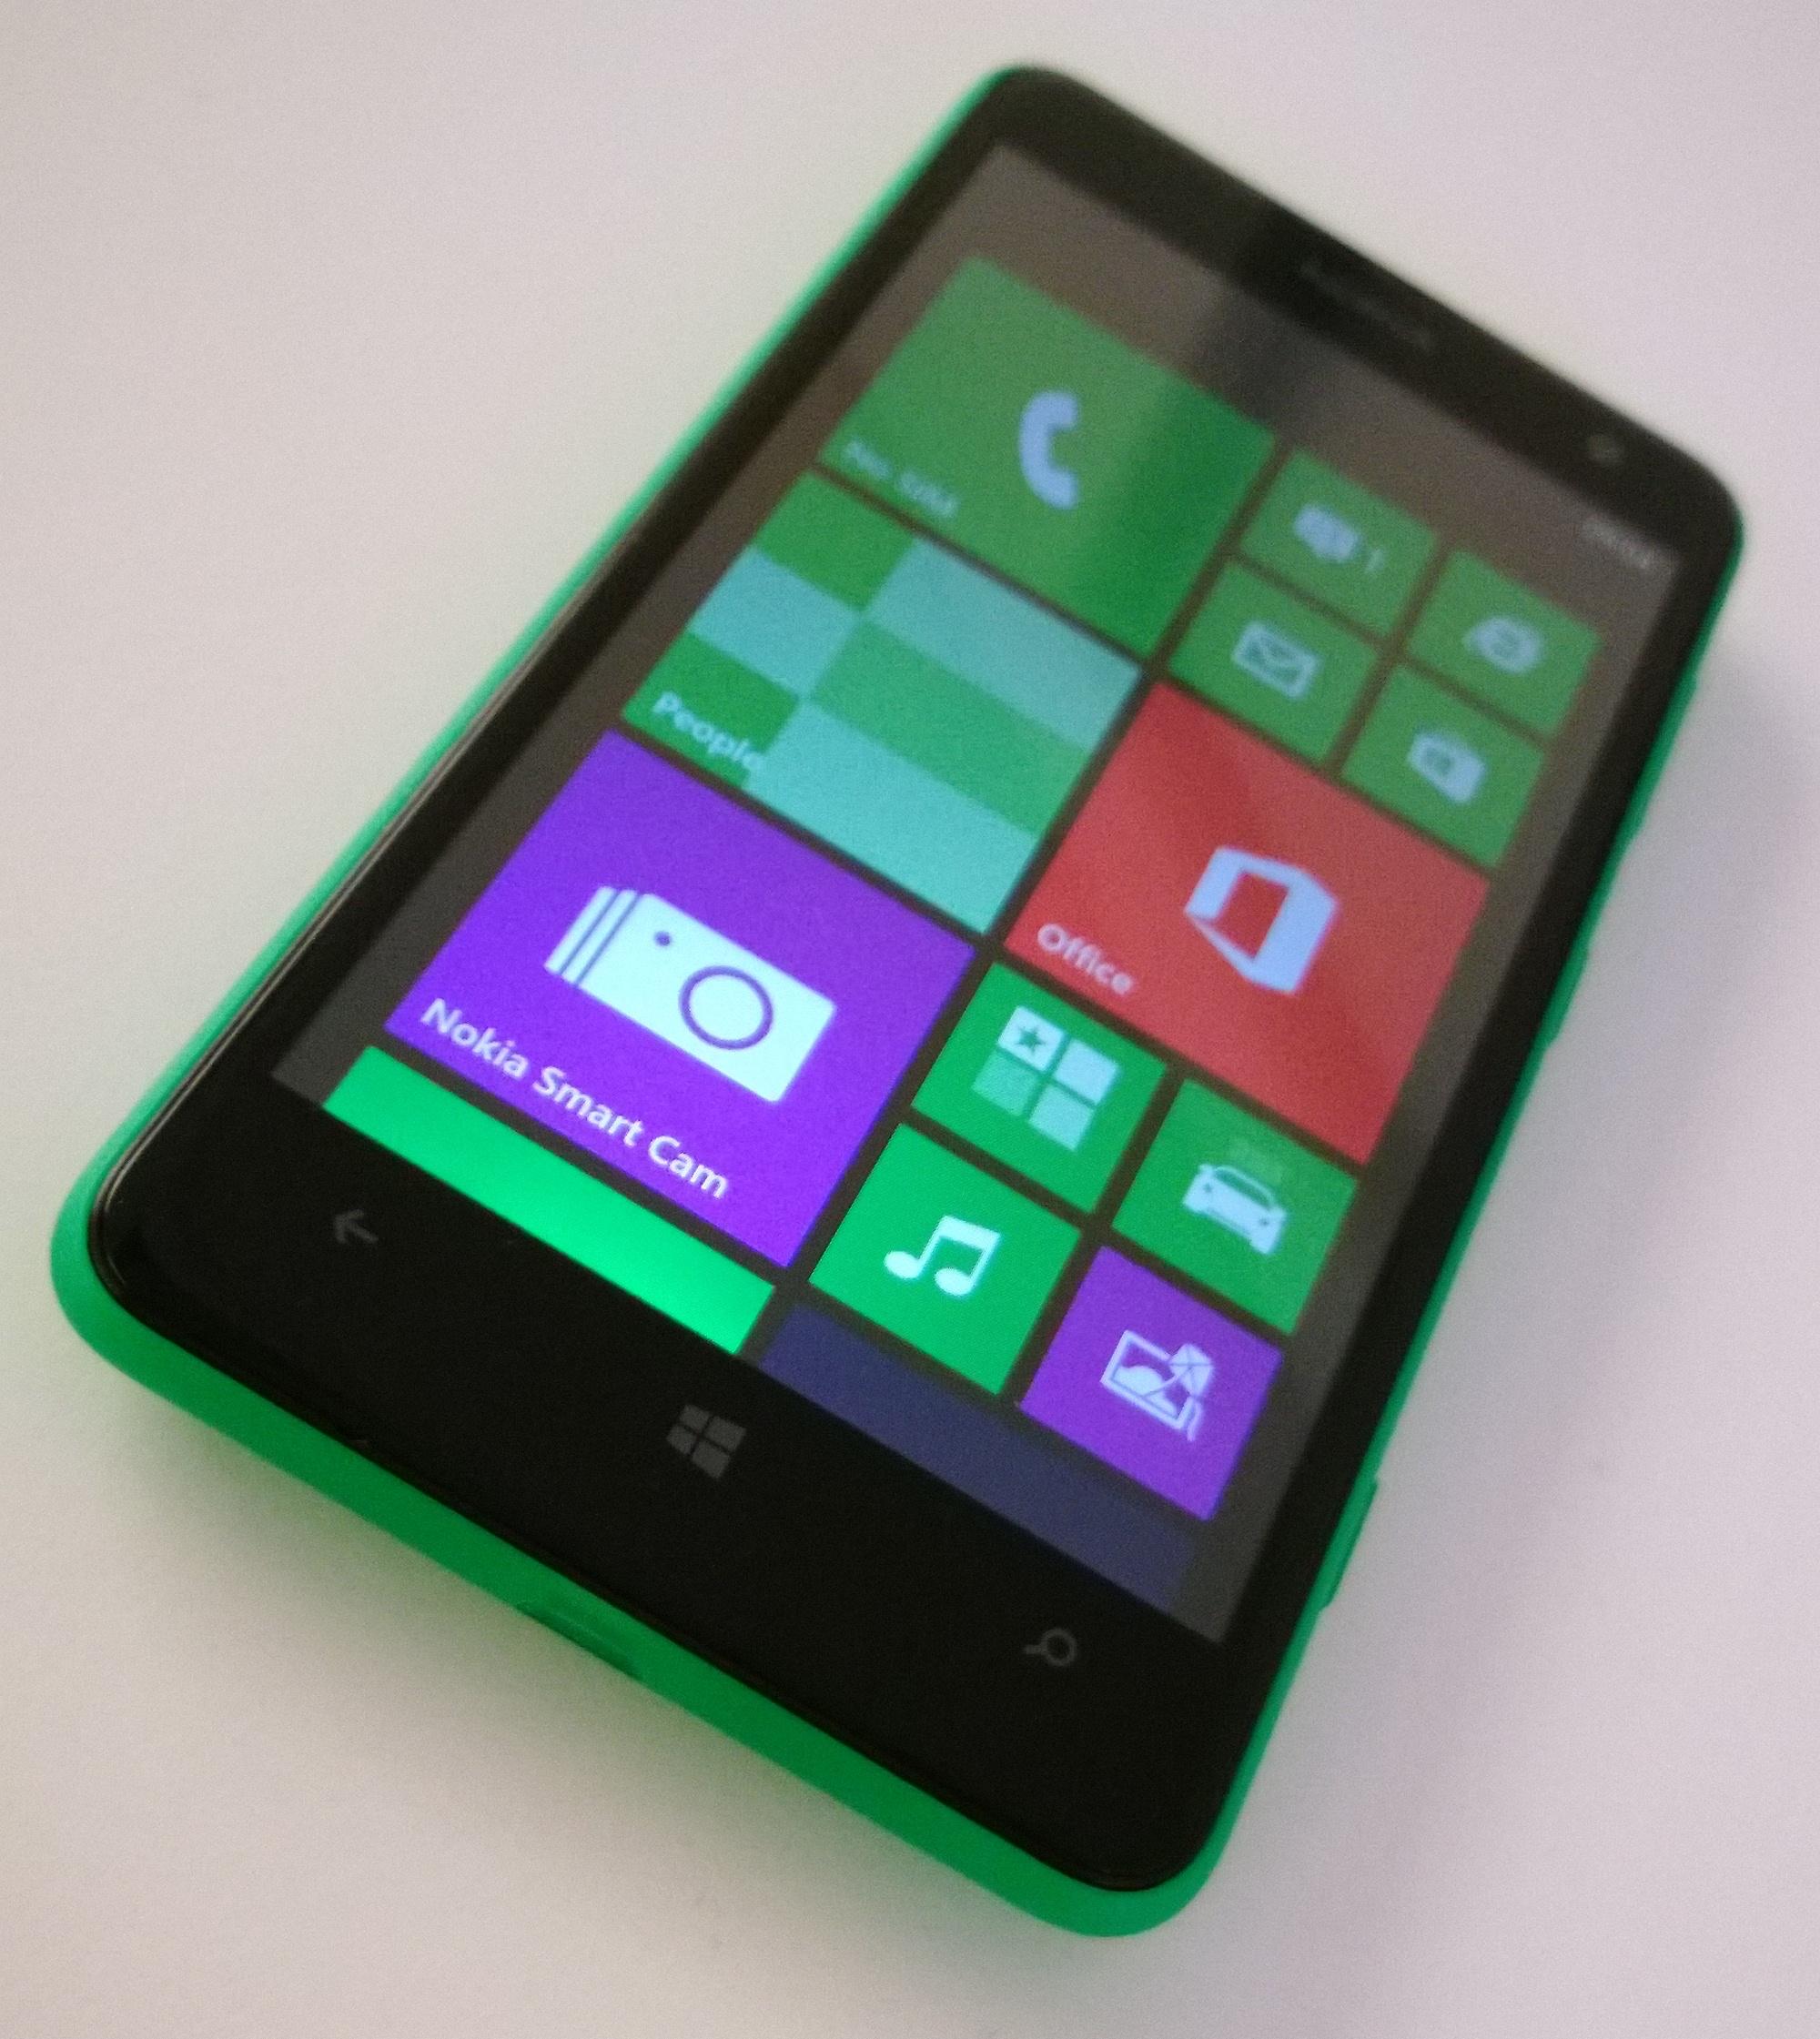 نوكيا تبيع 8 ملايين هاتف لوميا خلال ثلاثة أشهر